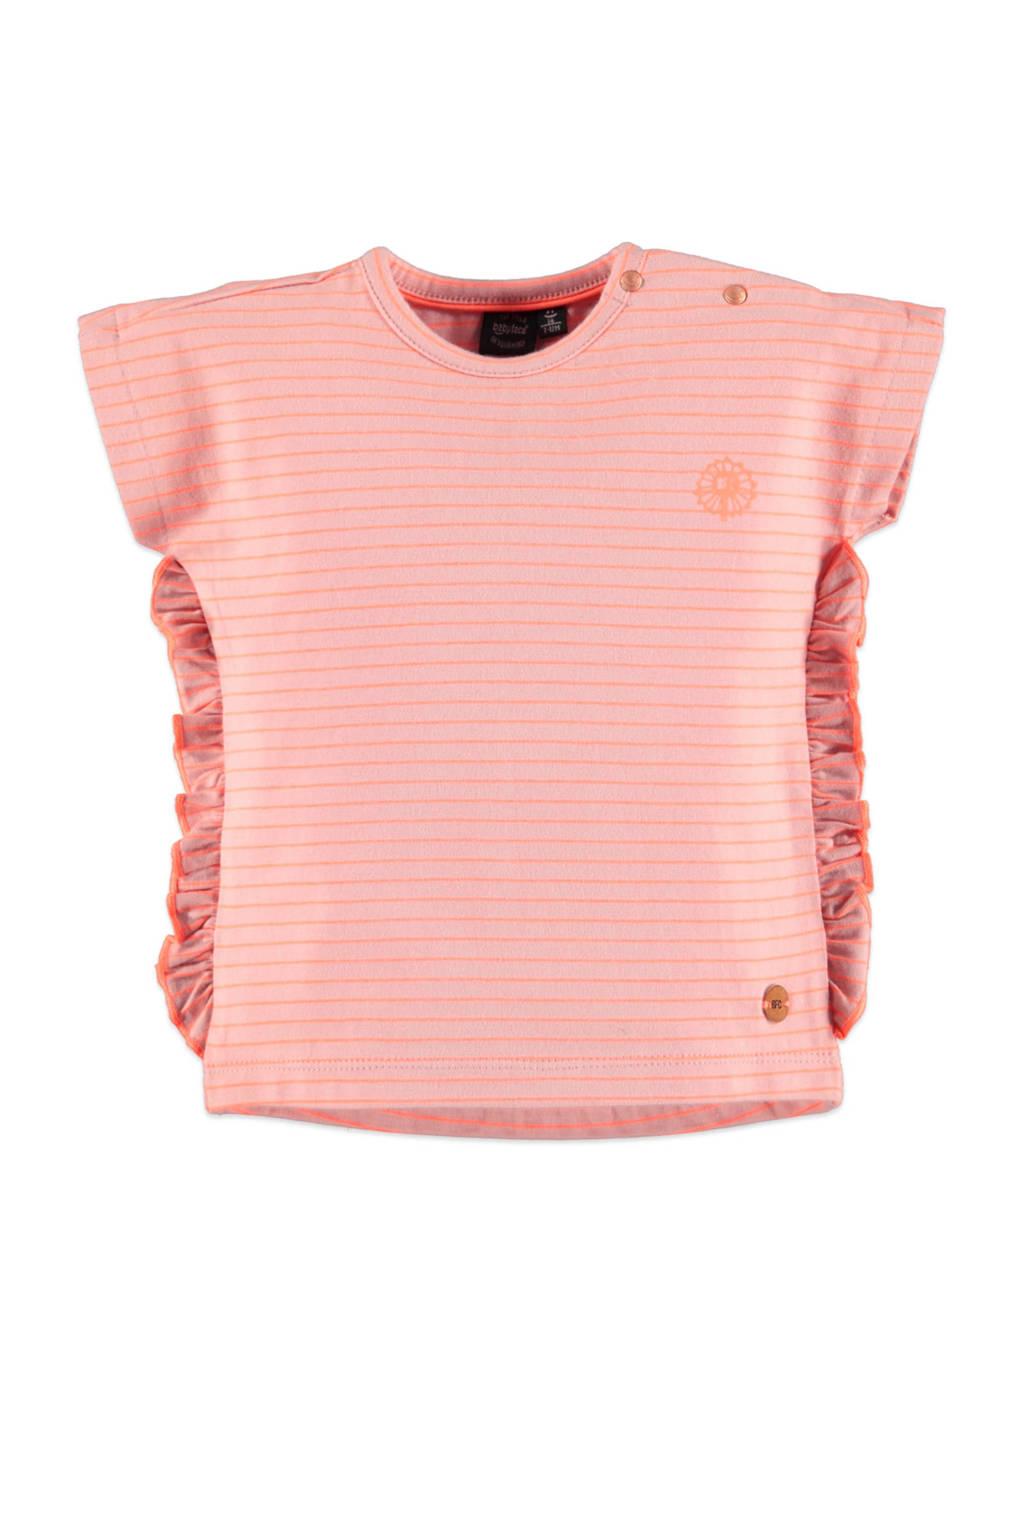 Babyface gestreept regular fit T-shirt roze, Roze